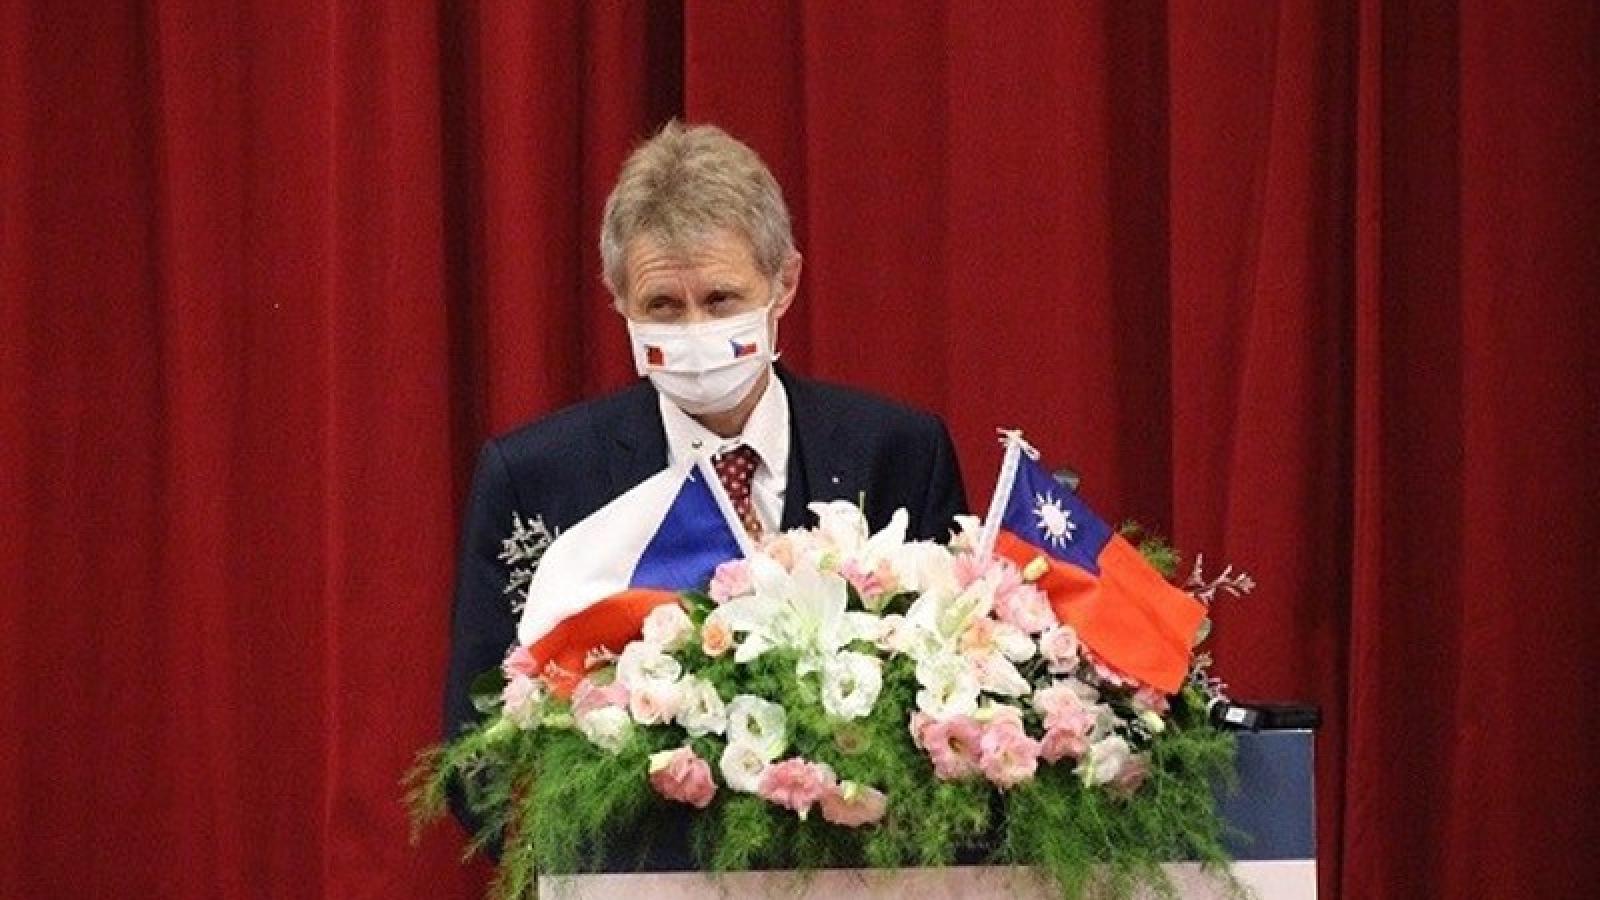 Séc-Đài Loan (Trung Quốc) ký 3 biên bản ghi nhớ hợp tác song phương